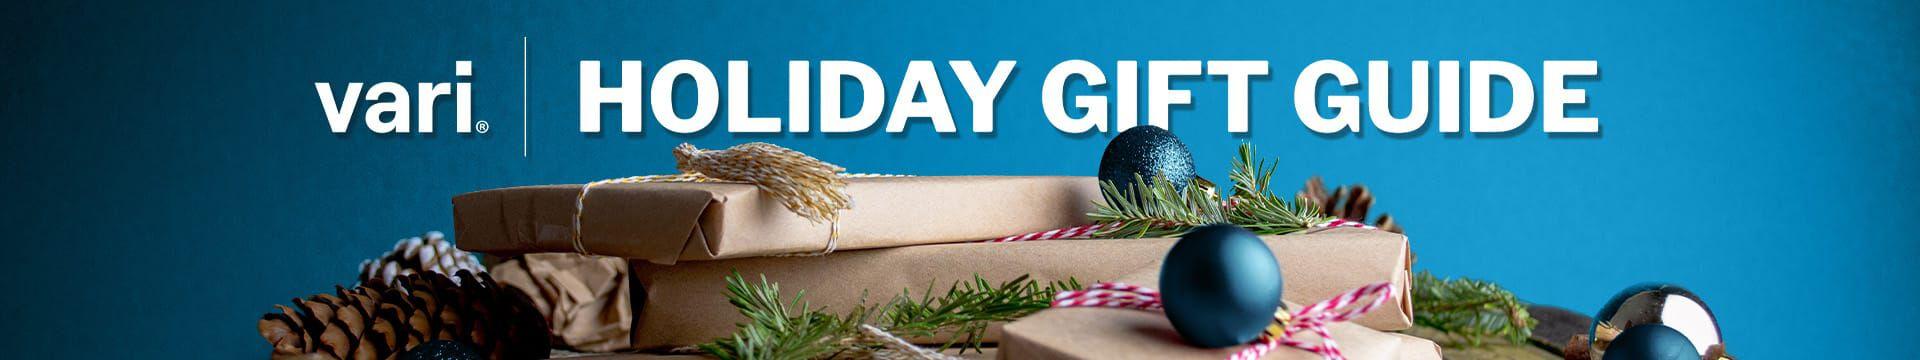 vari holiday gift guide